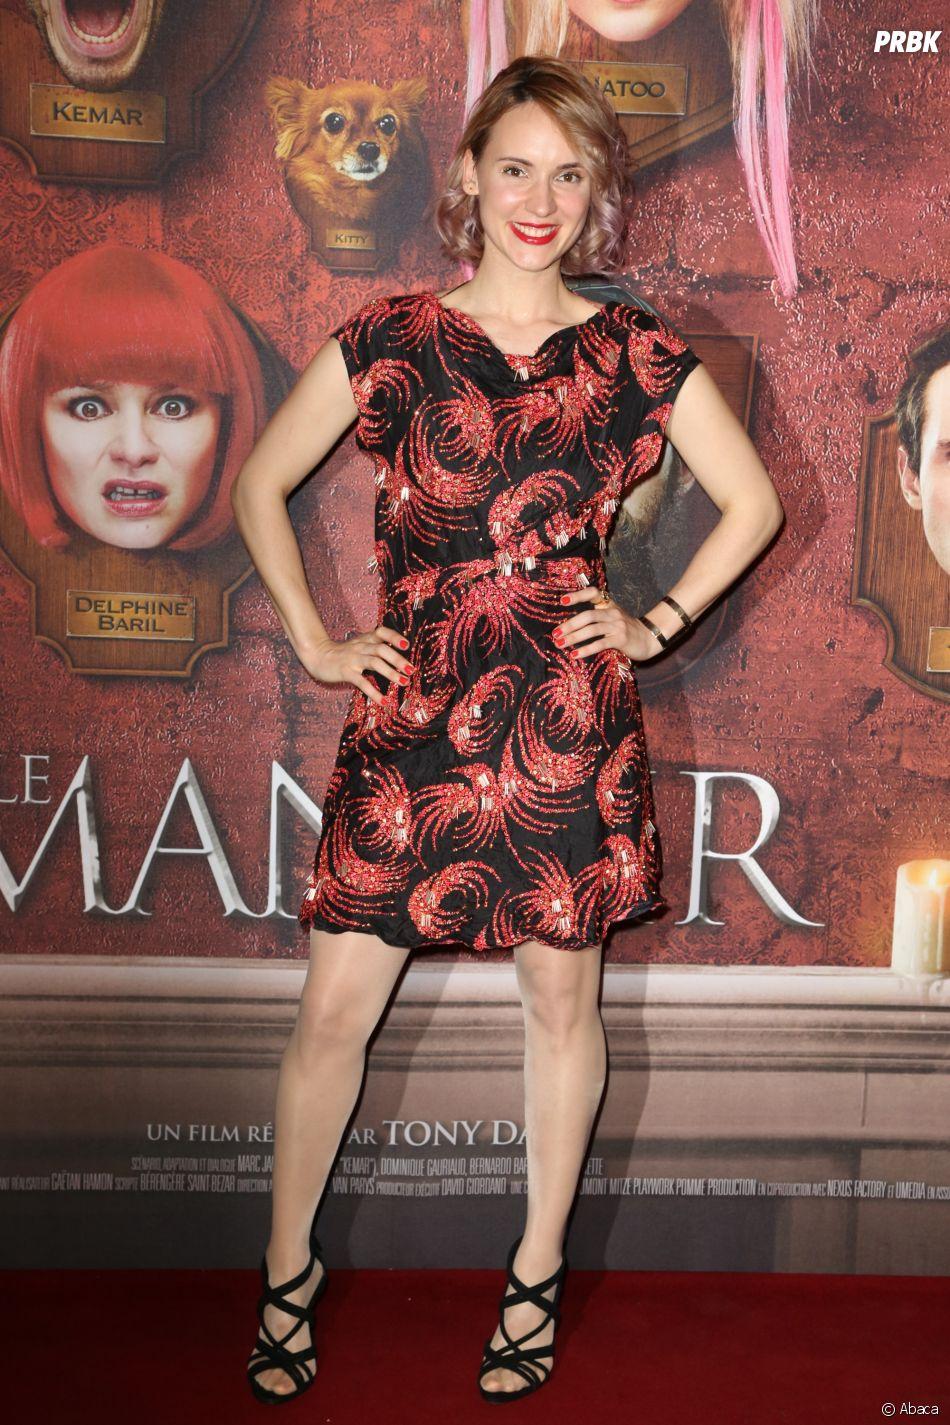 Natoo à l'avant-première du film Le Manoir le 9 juin 2017 au Grand Rex à Paris